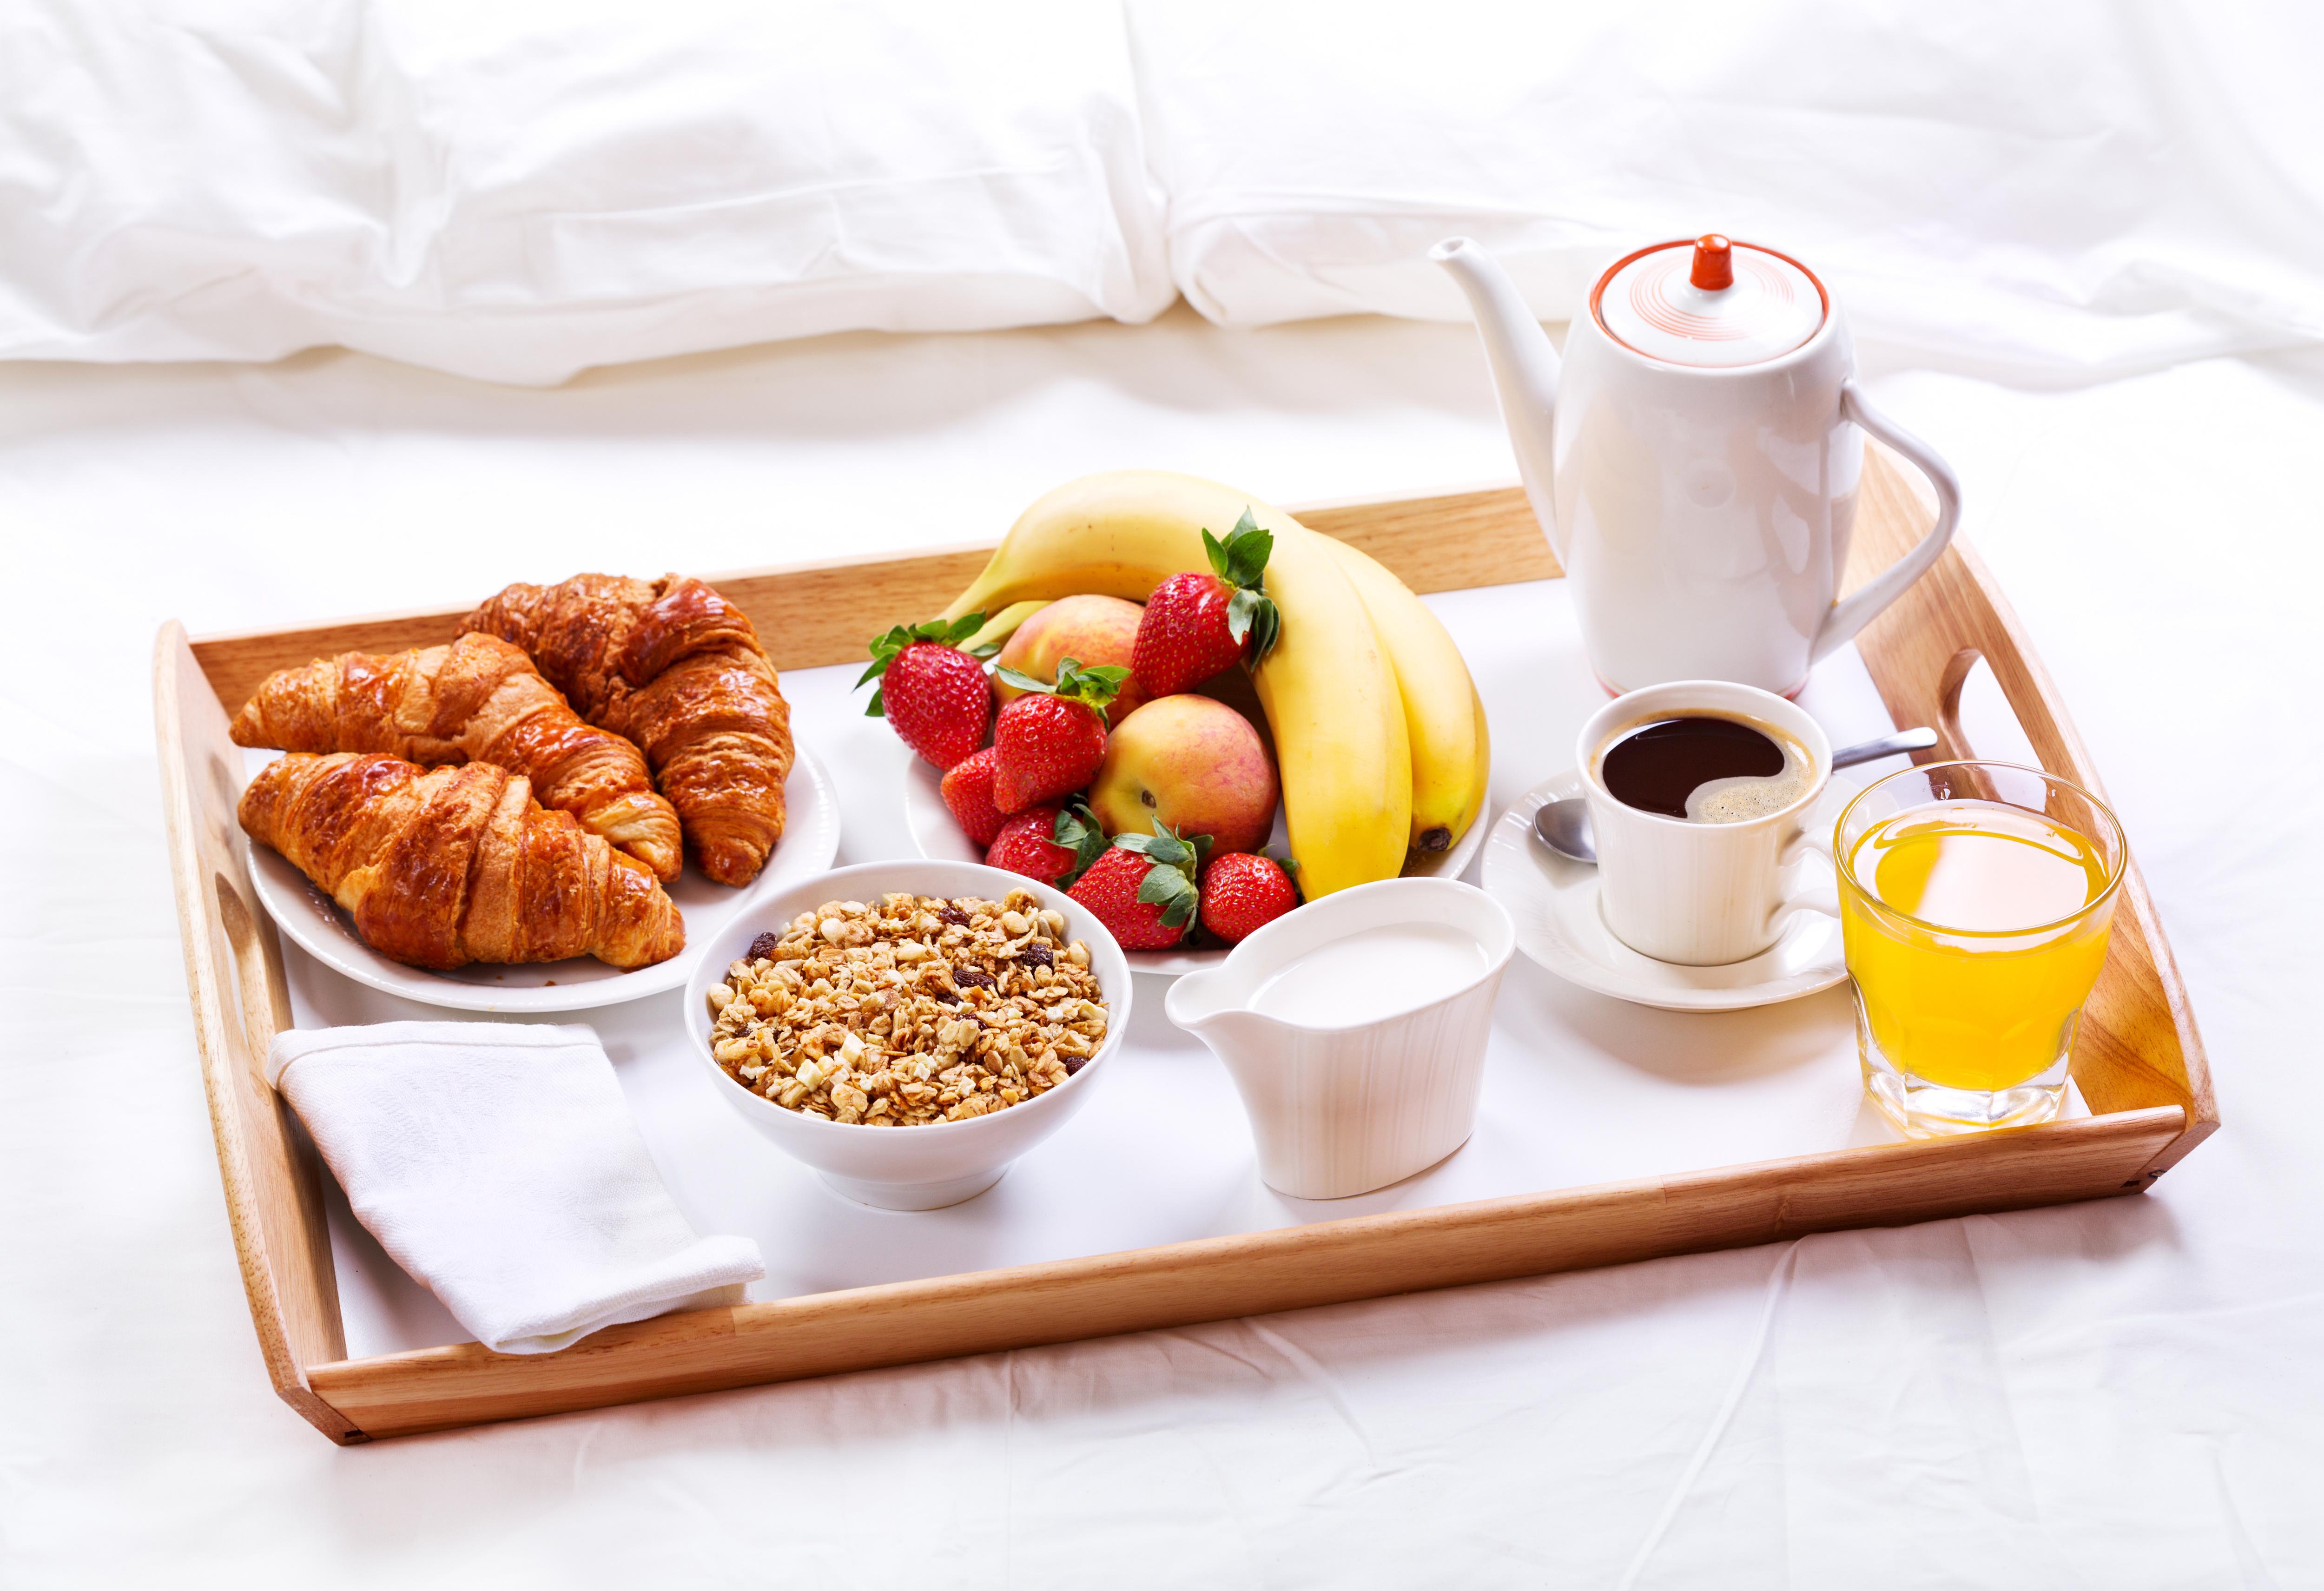 Диета Завтрак Чашка Кофе. Насколько эффективна кофейная диета, варианты меню на 3, 7 и 14 дней и отзывы худеющих